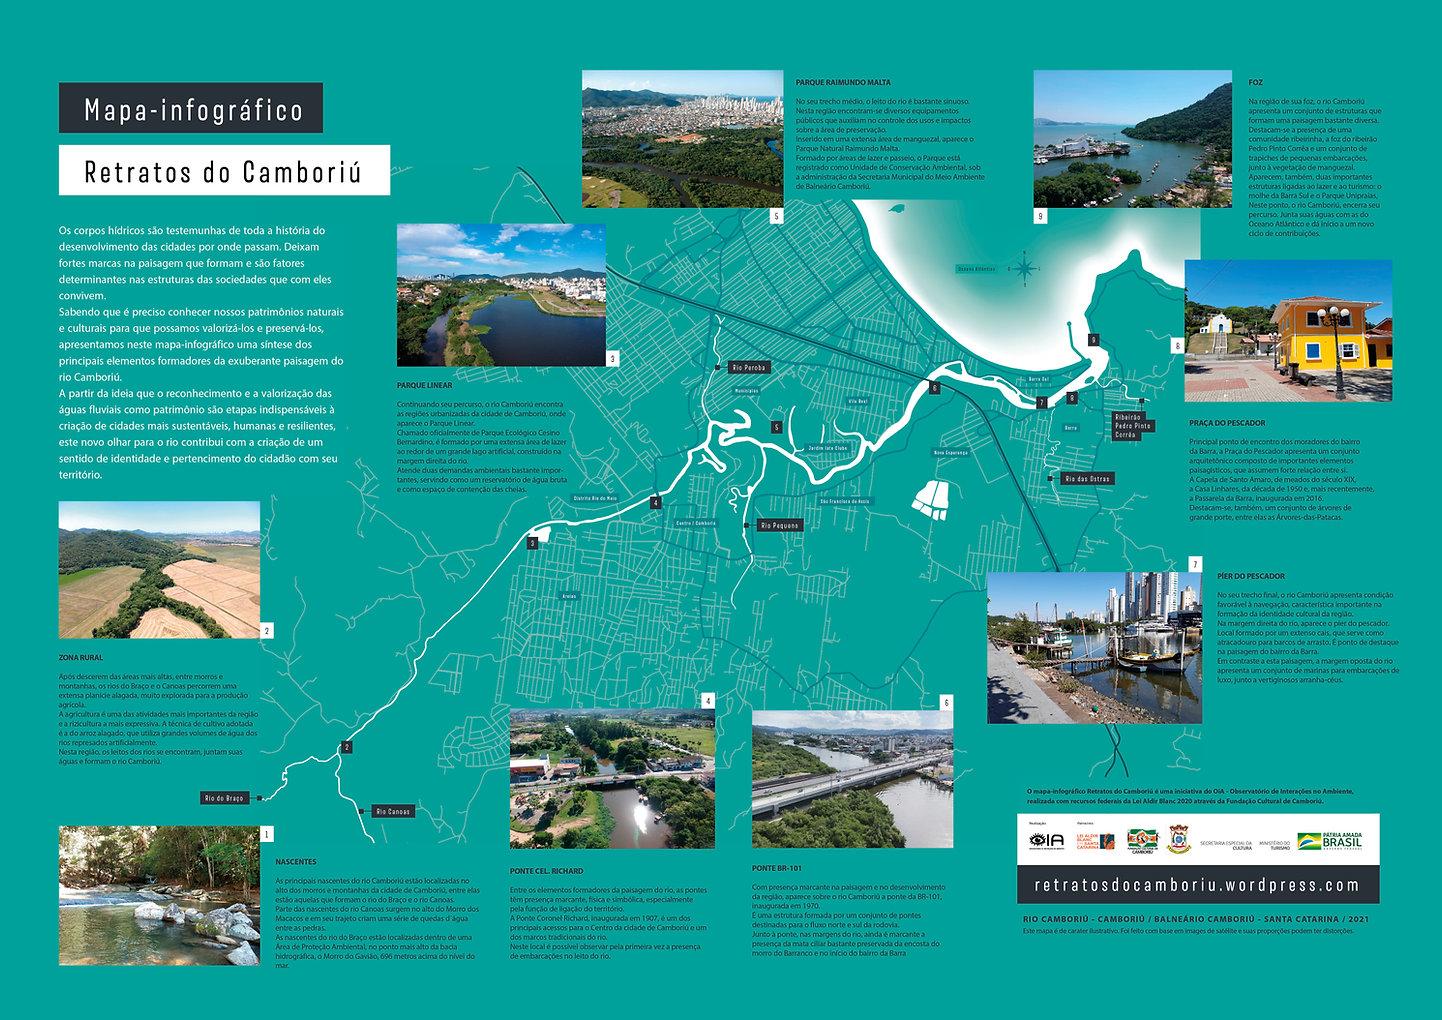 mapa-infografico-retratos-do-camboriu.jp